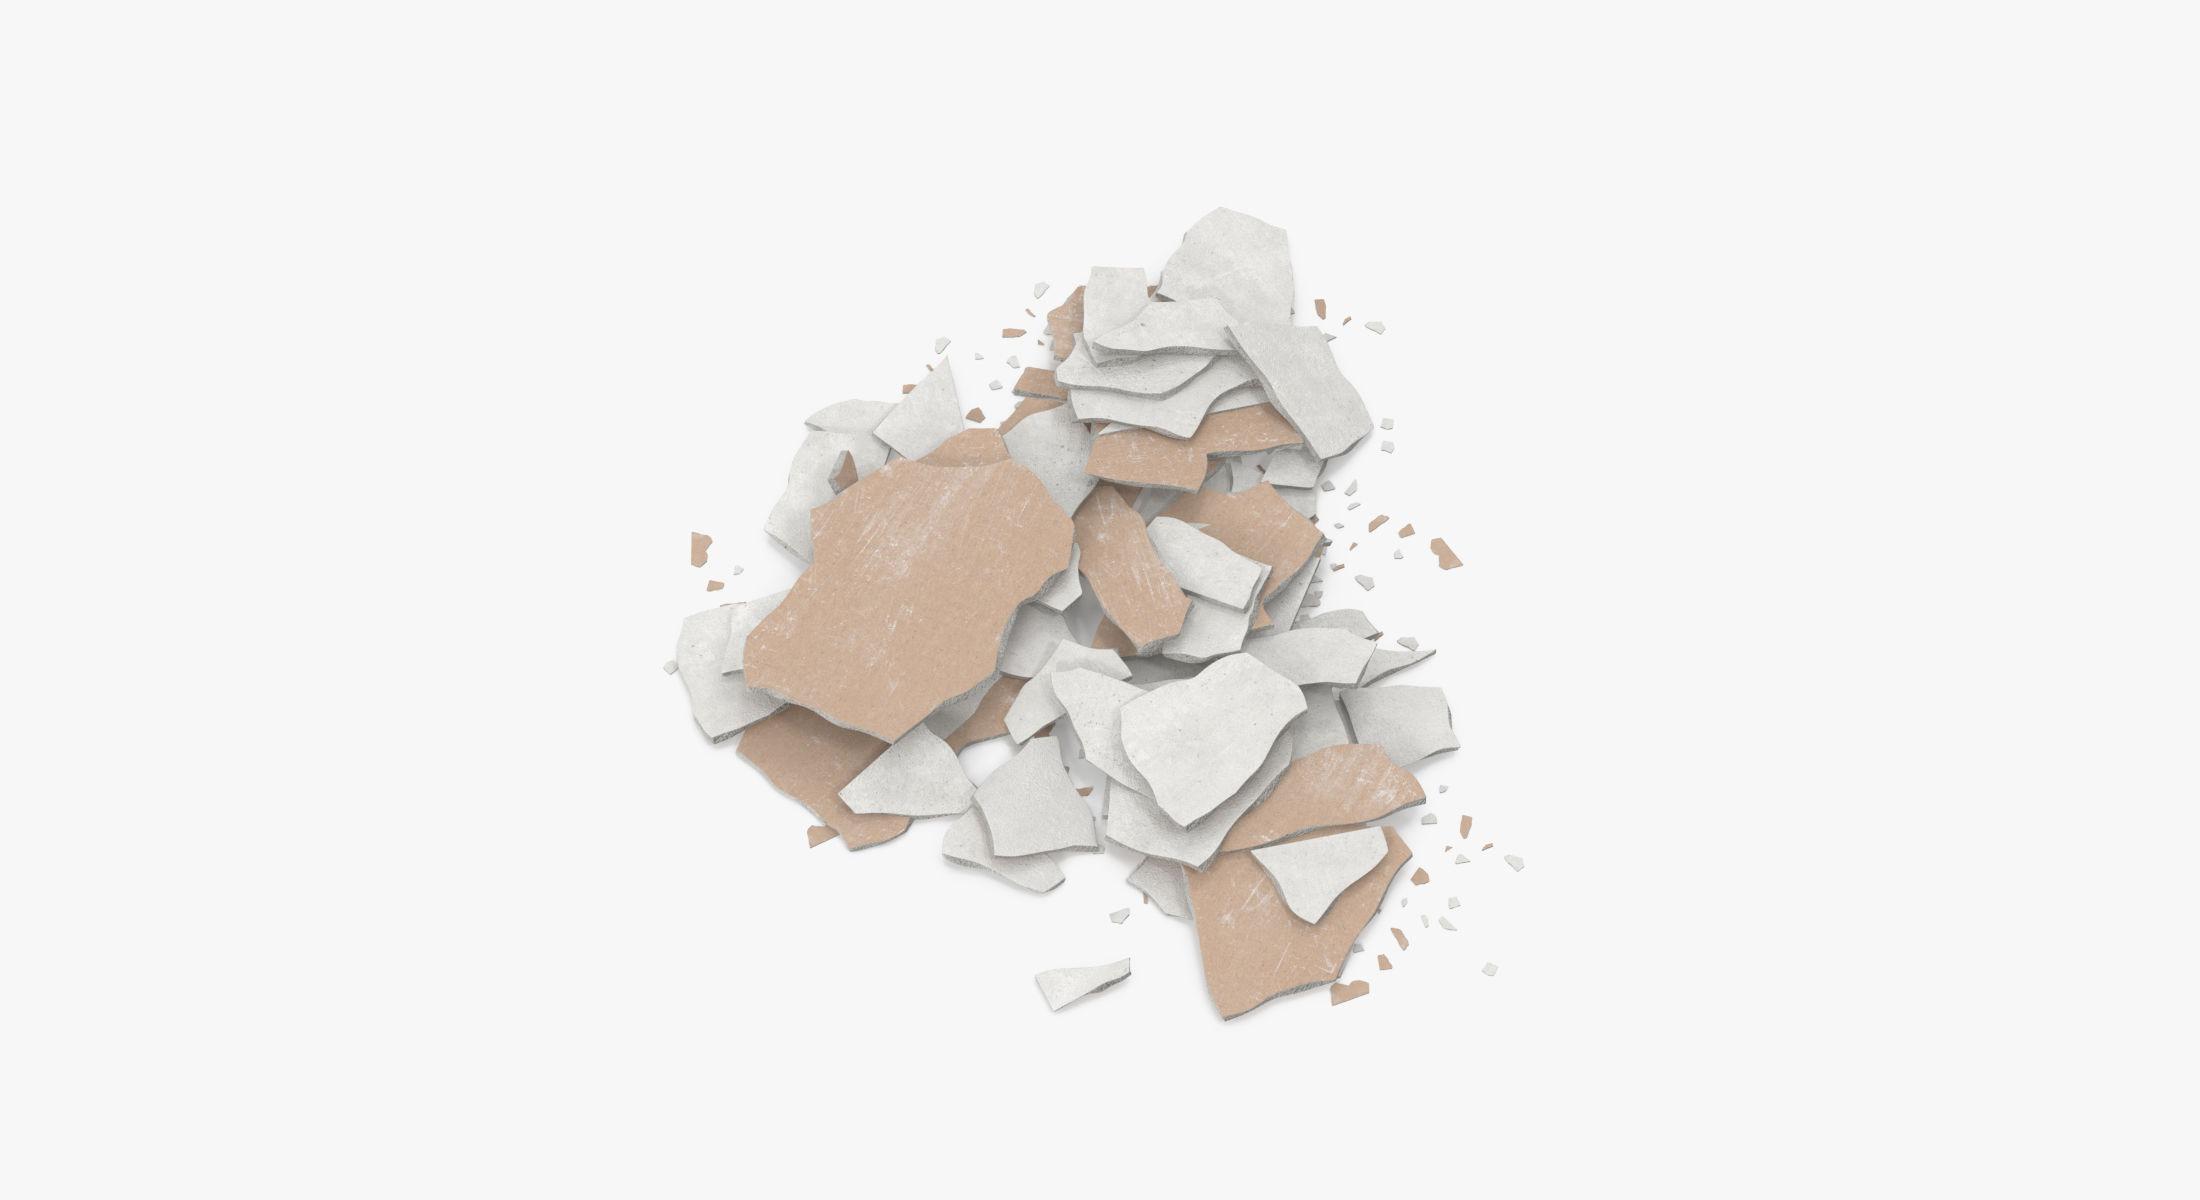 Broken Sheetrock - 02 - reel 1